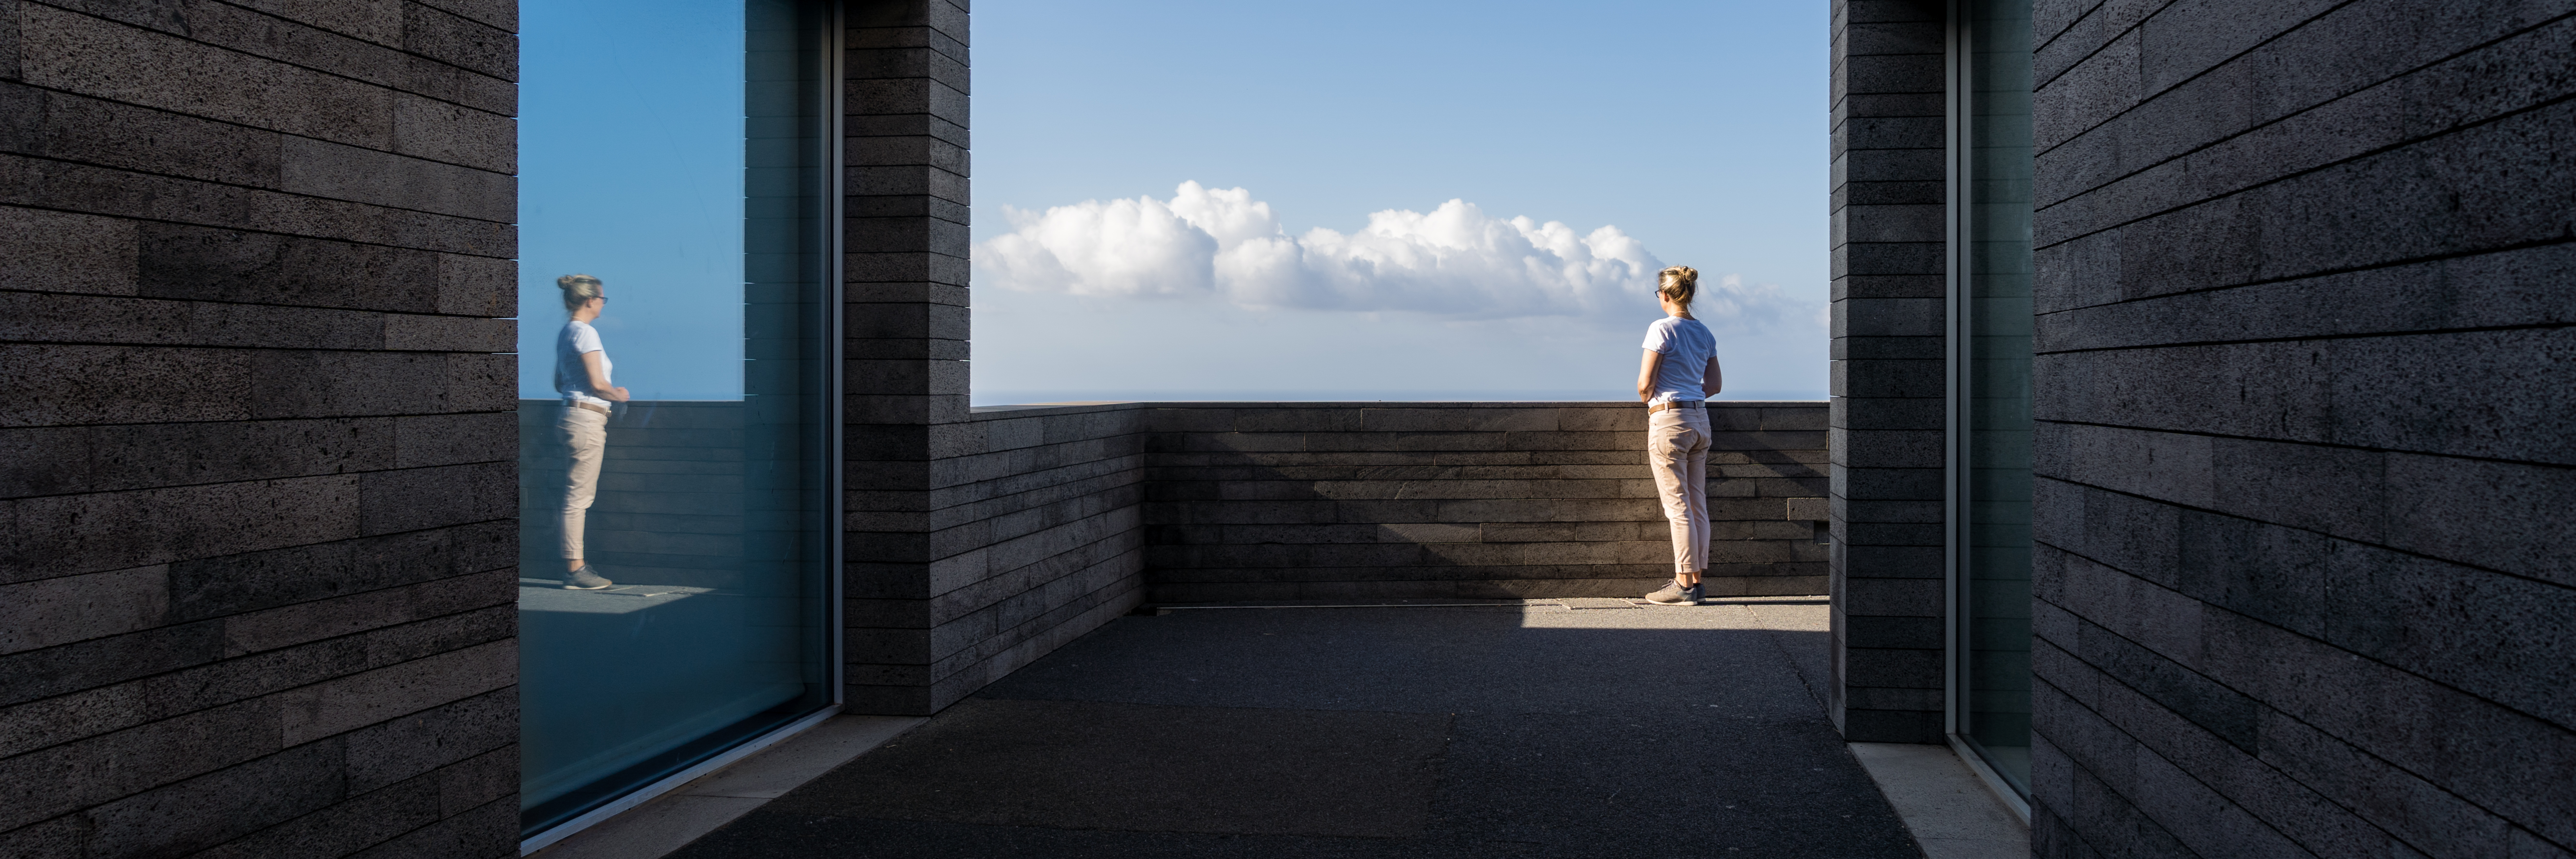 querformat-fotografie - Achim Katzberg - Schluss mit der Kunst Quarantäne - [MUDAS - Madeira / August 2018]